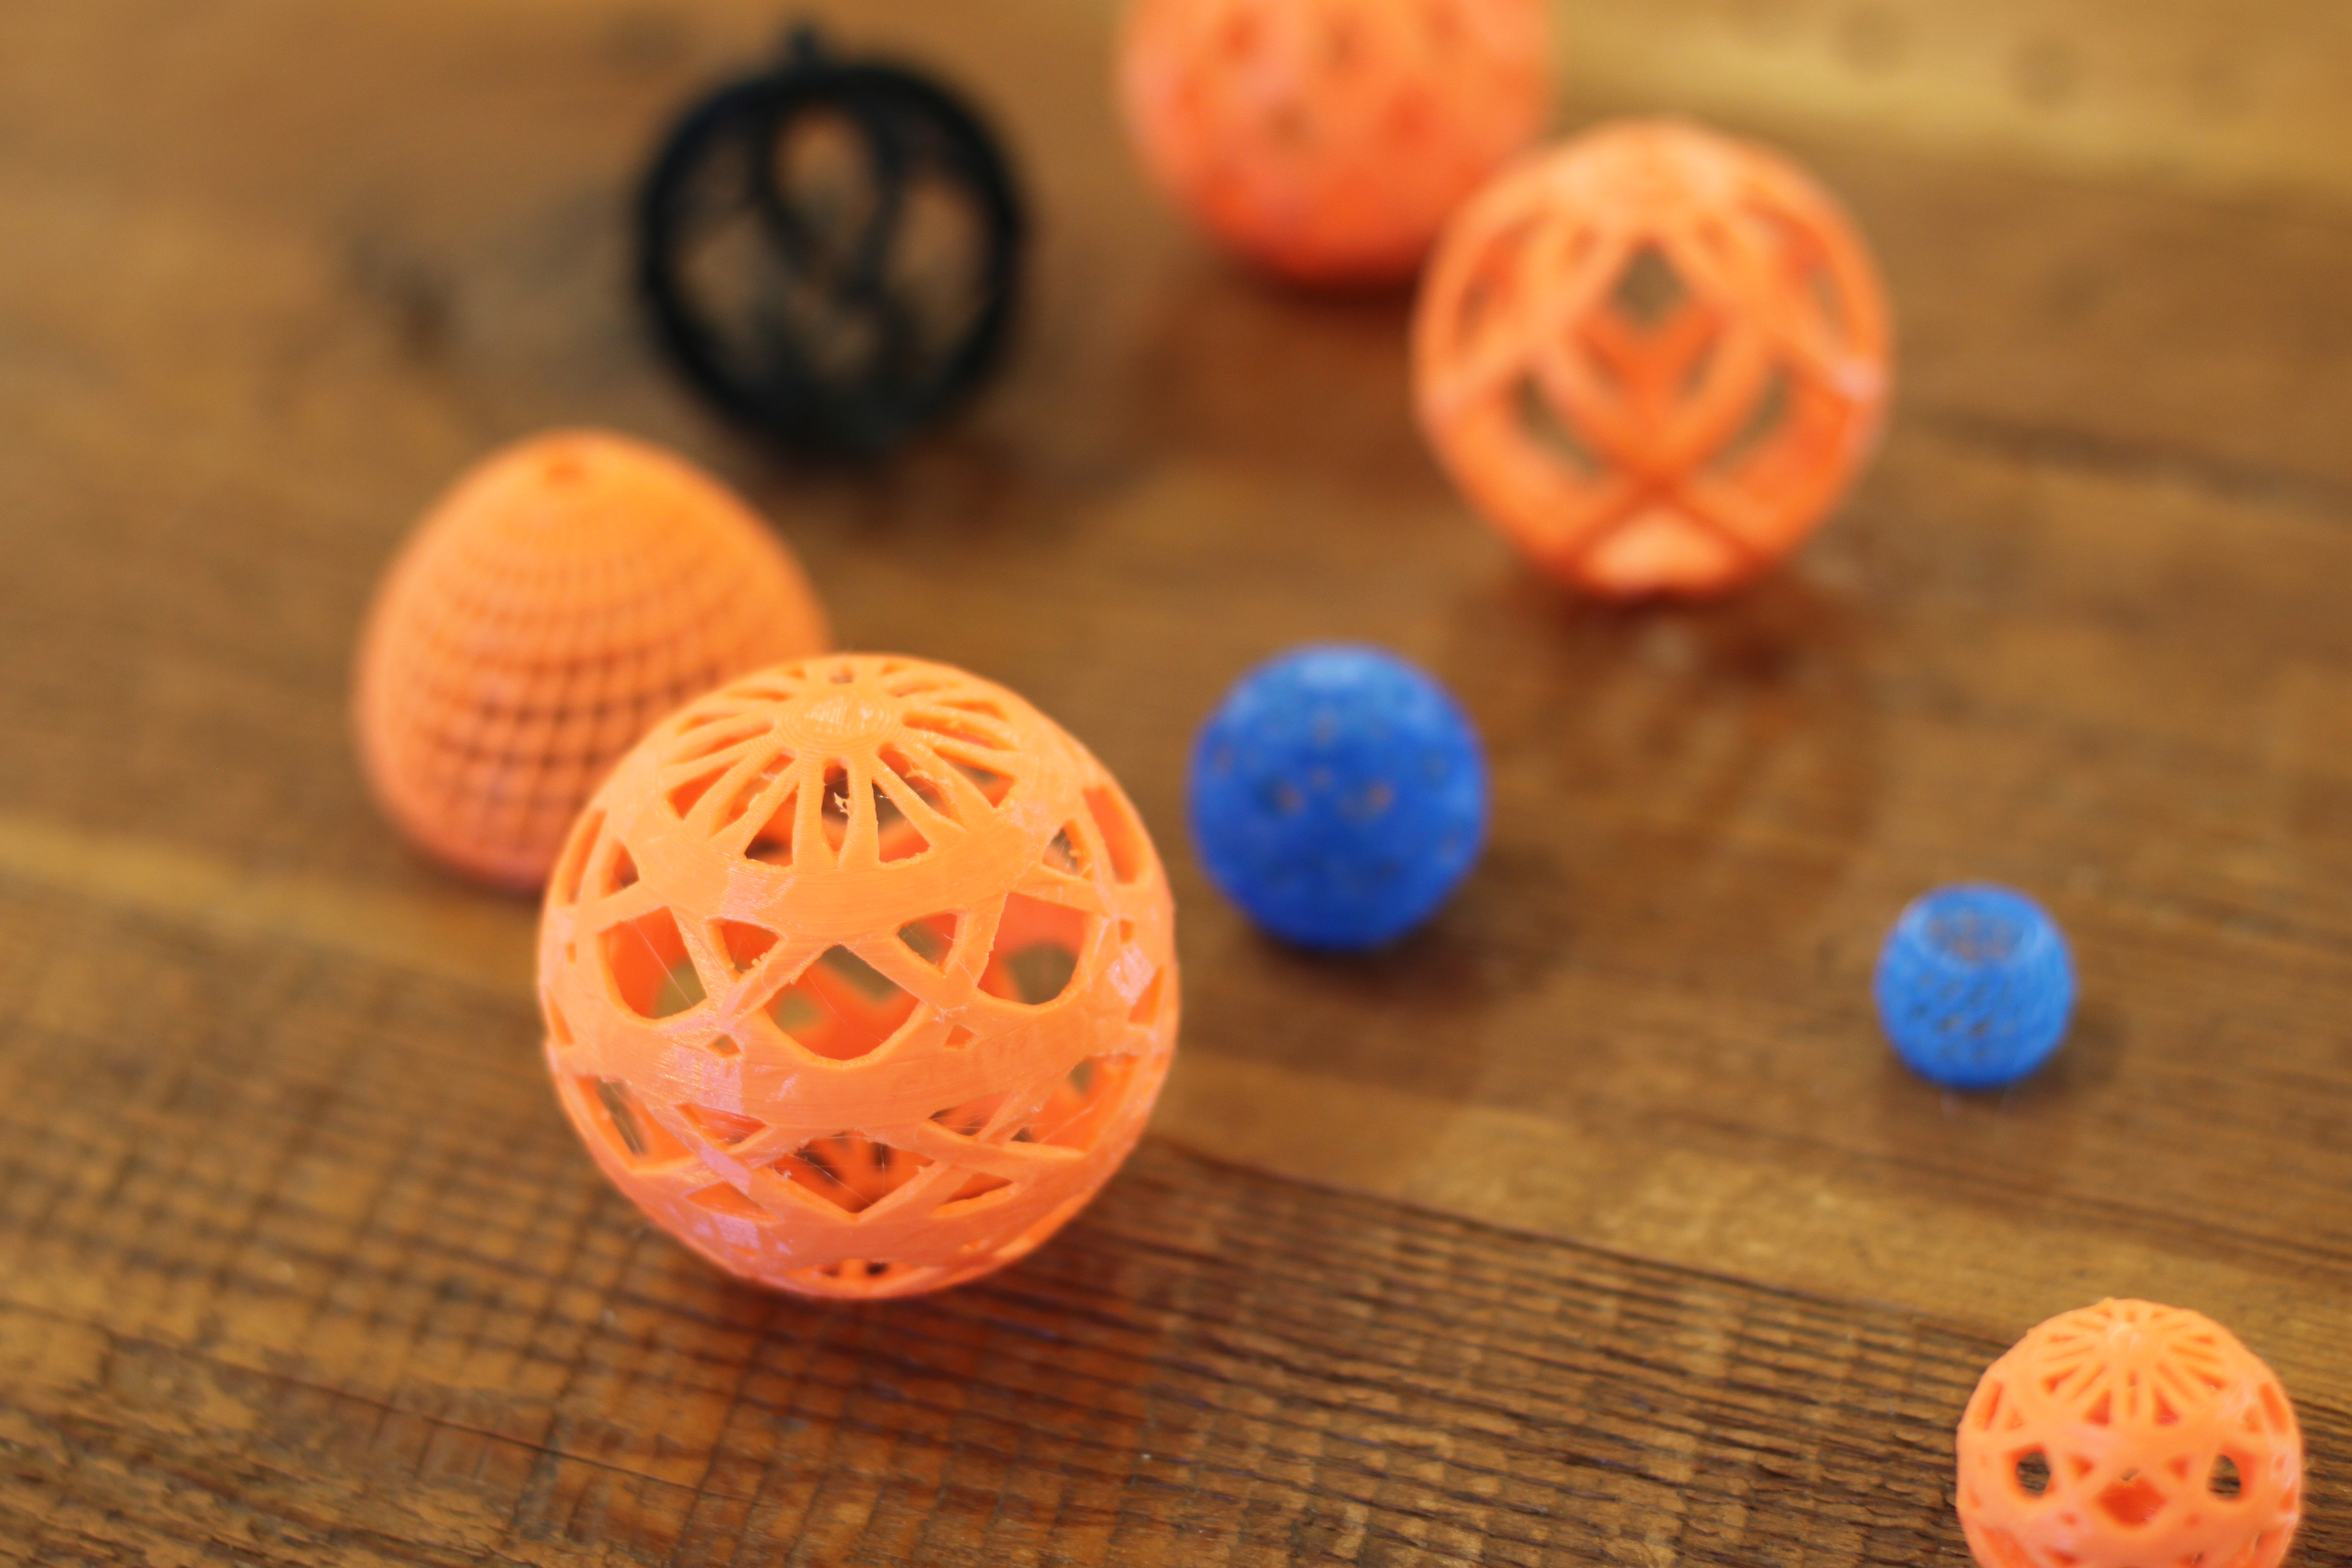 3d-printed orbs